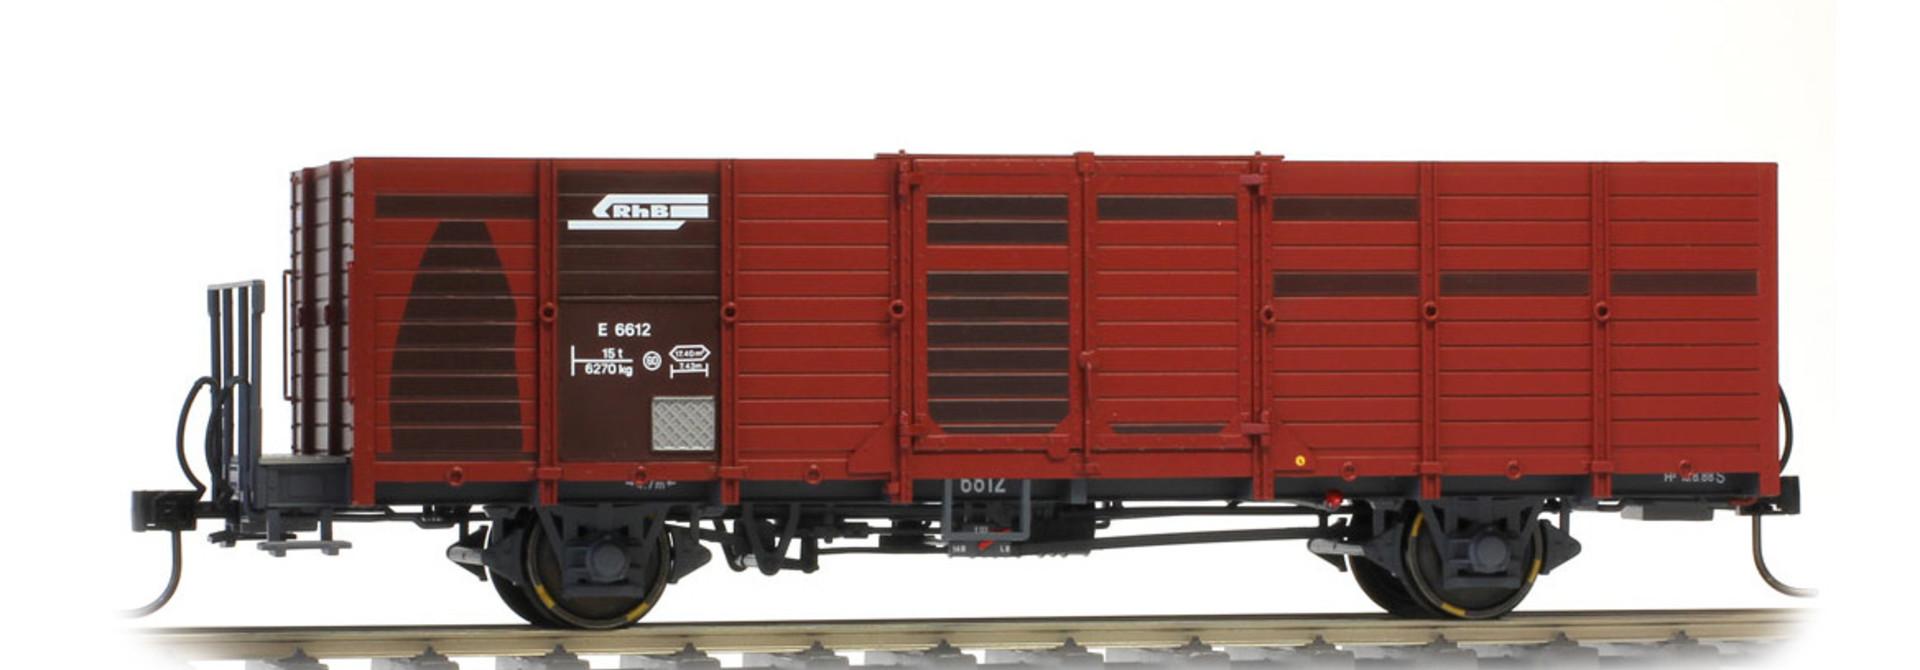 9451112 RhB E 6612 Holzwand-Hochbordwagen